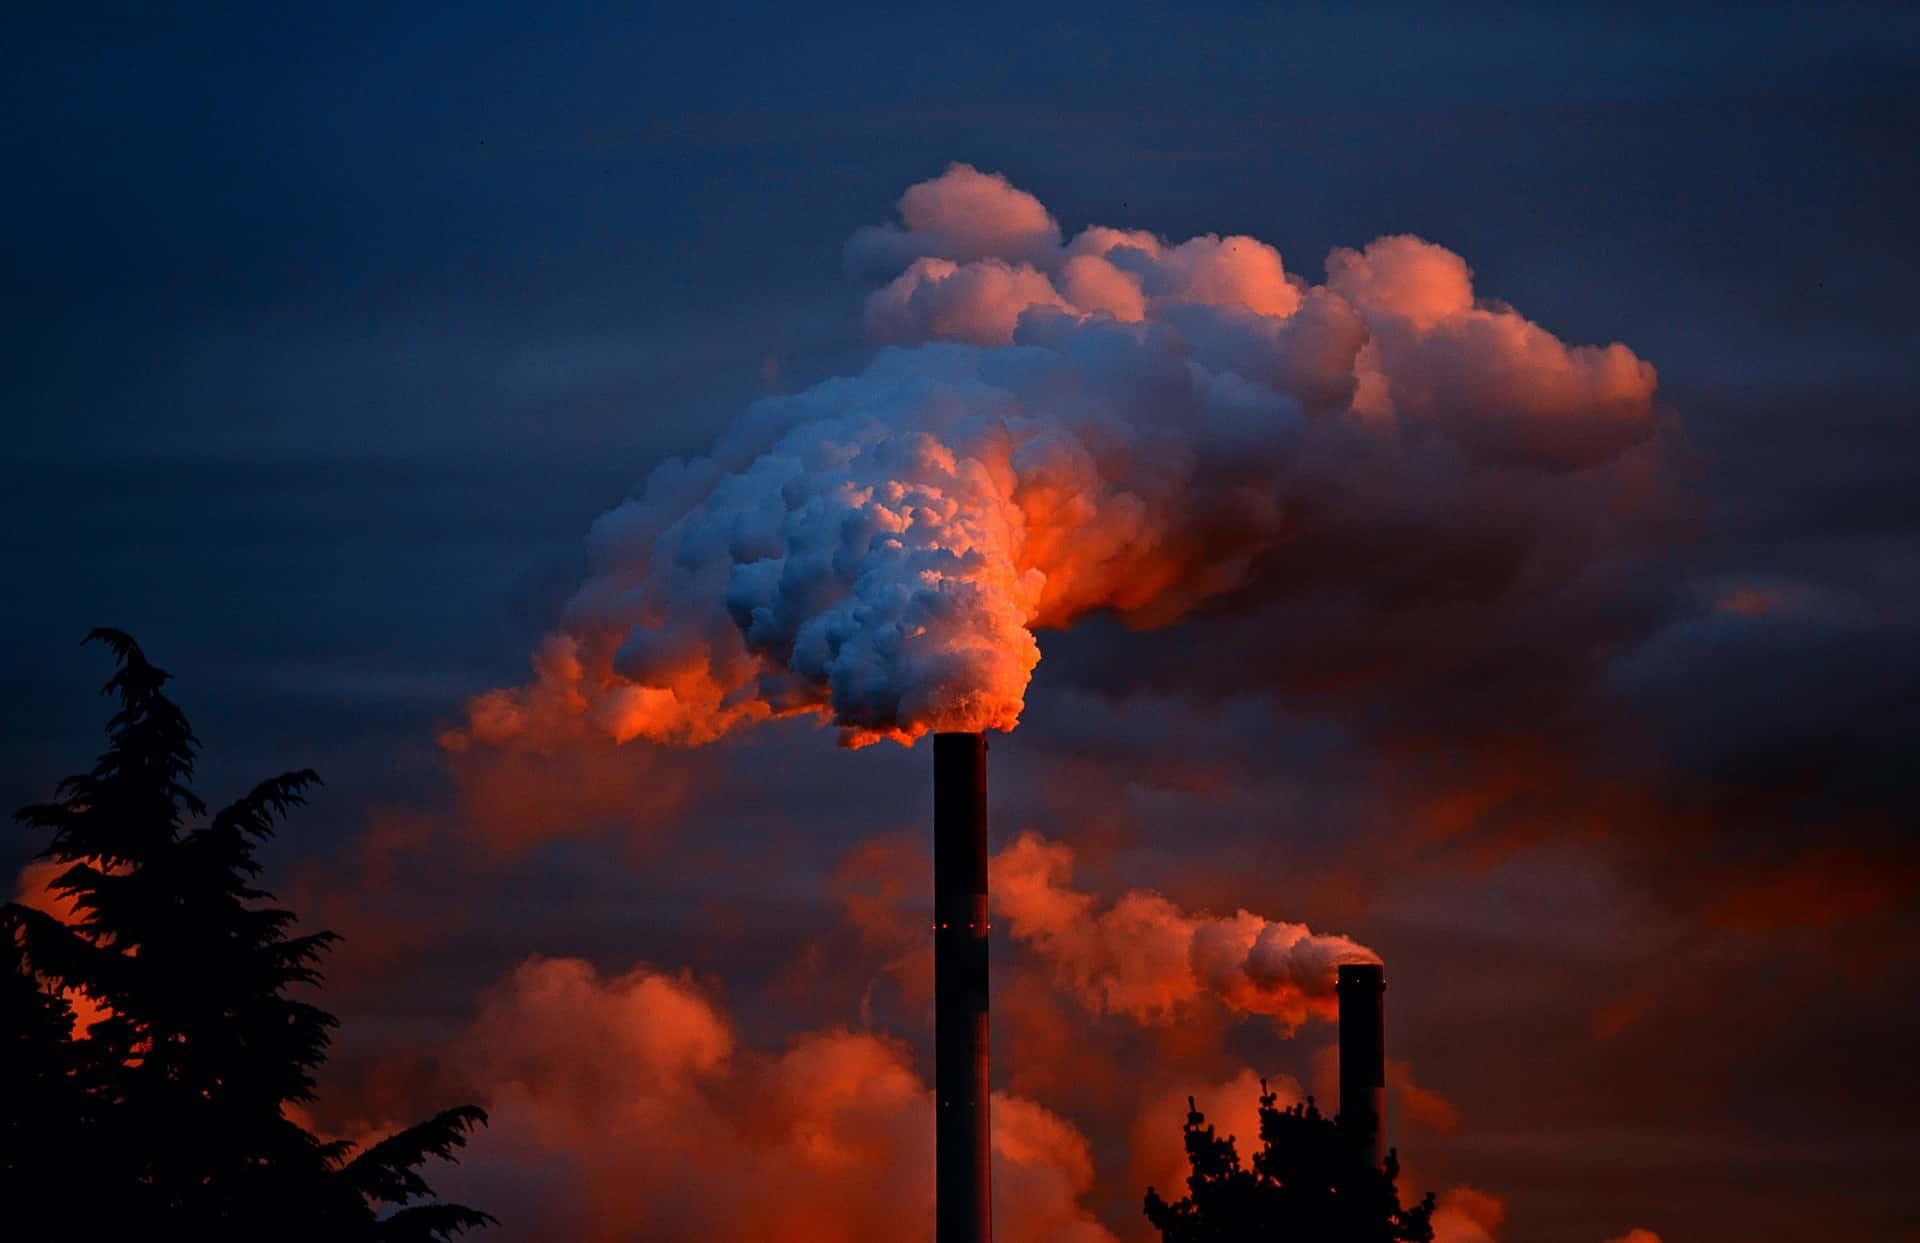 a poluição advinda das fábricas contribuem diretamente com diversos problemas ambientais como chuva ácida, inversão térmica, rarefação na camada de Ozônio, entre outros.